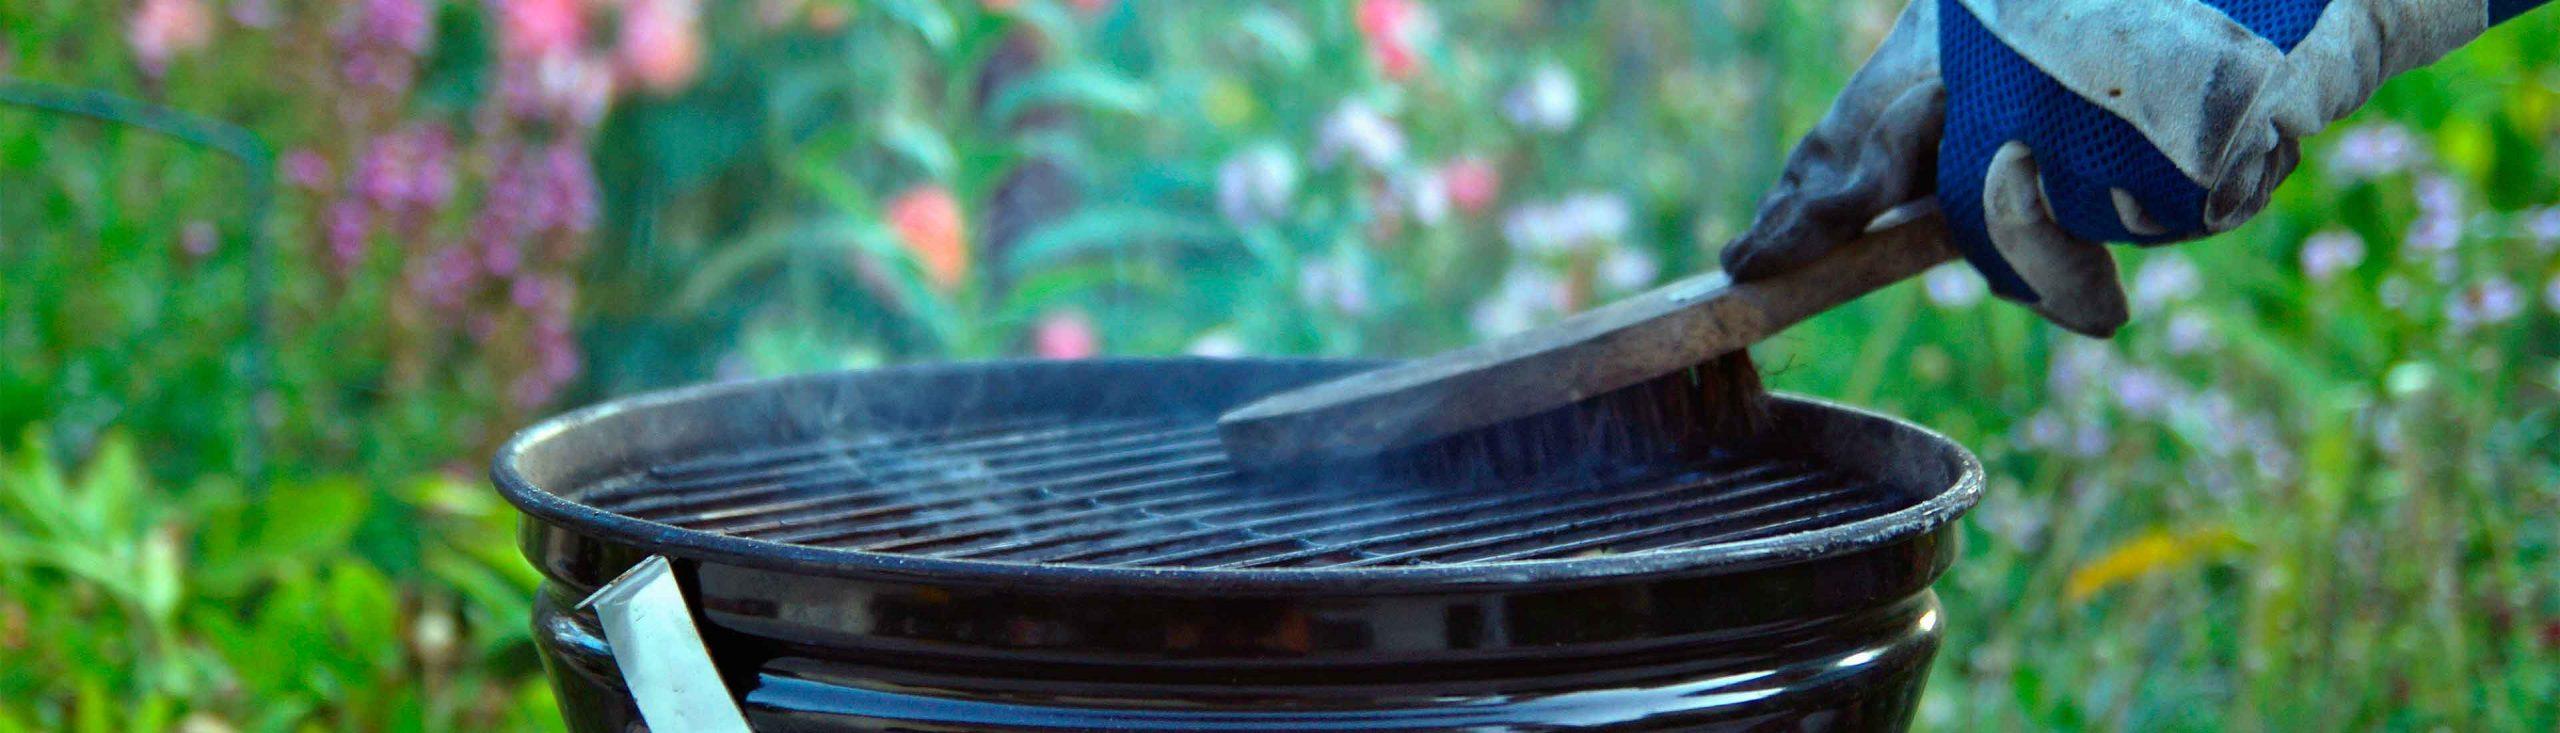 ¿Cómo limpio mi BBQ?: Claves para una limpieza perfecta